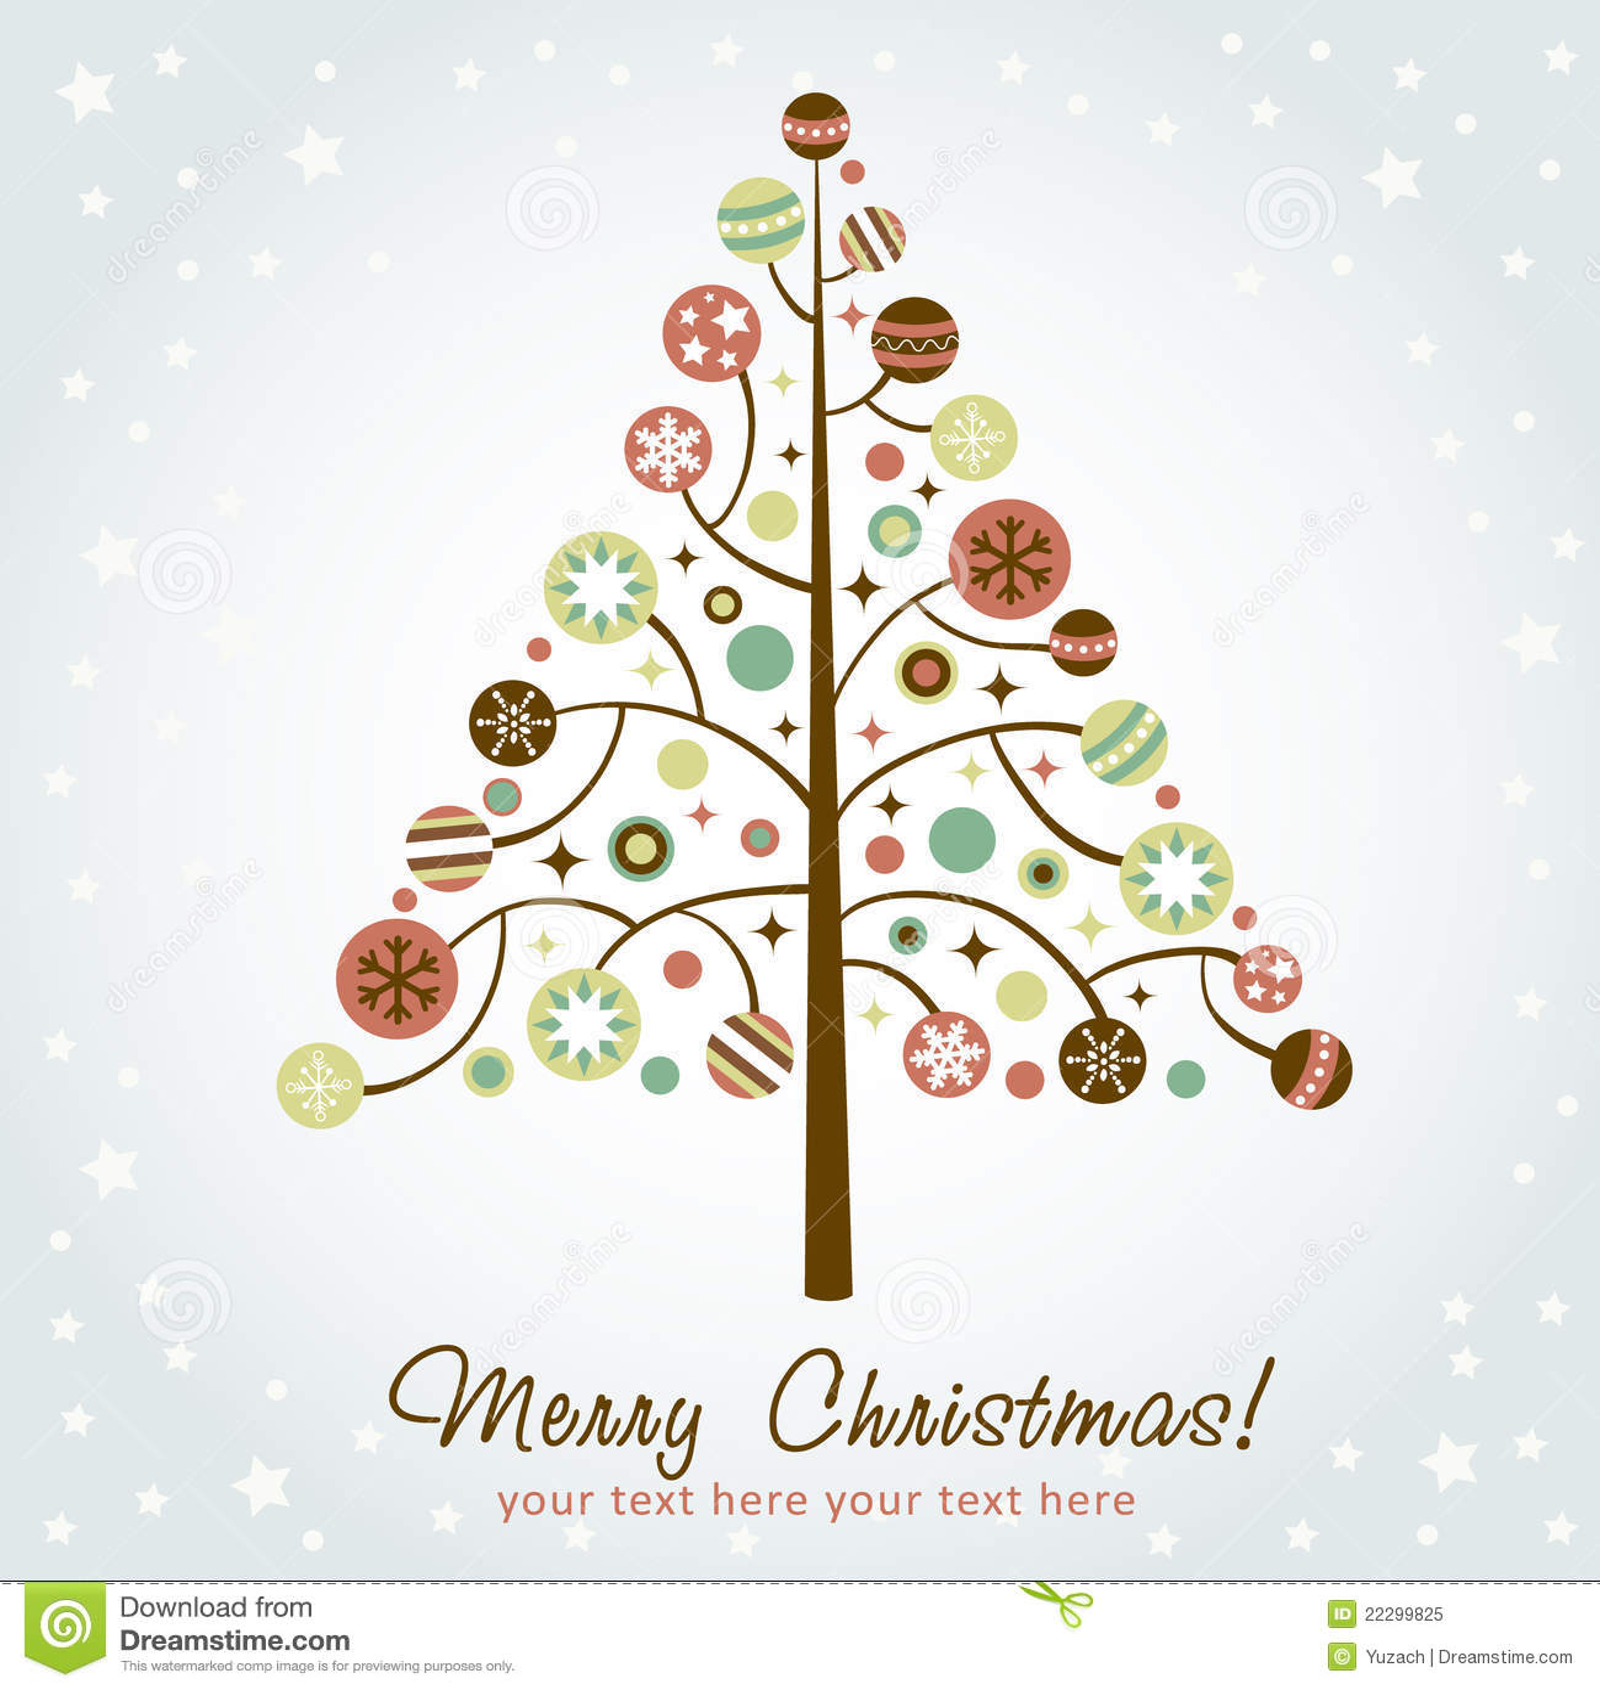 Rbol de navidad estilizado del dise o foto de archivo - Diseno de arboles de navidad ...